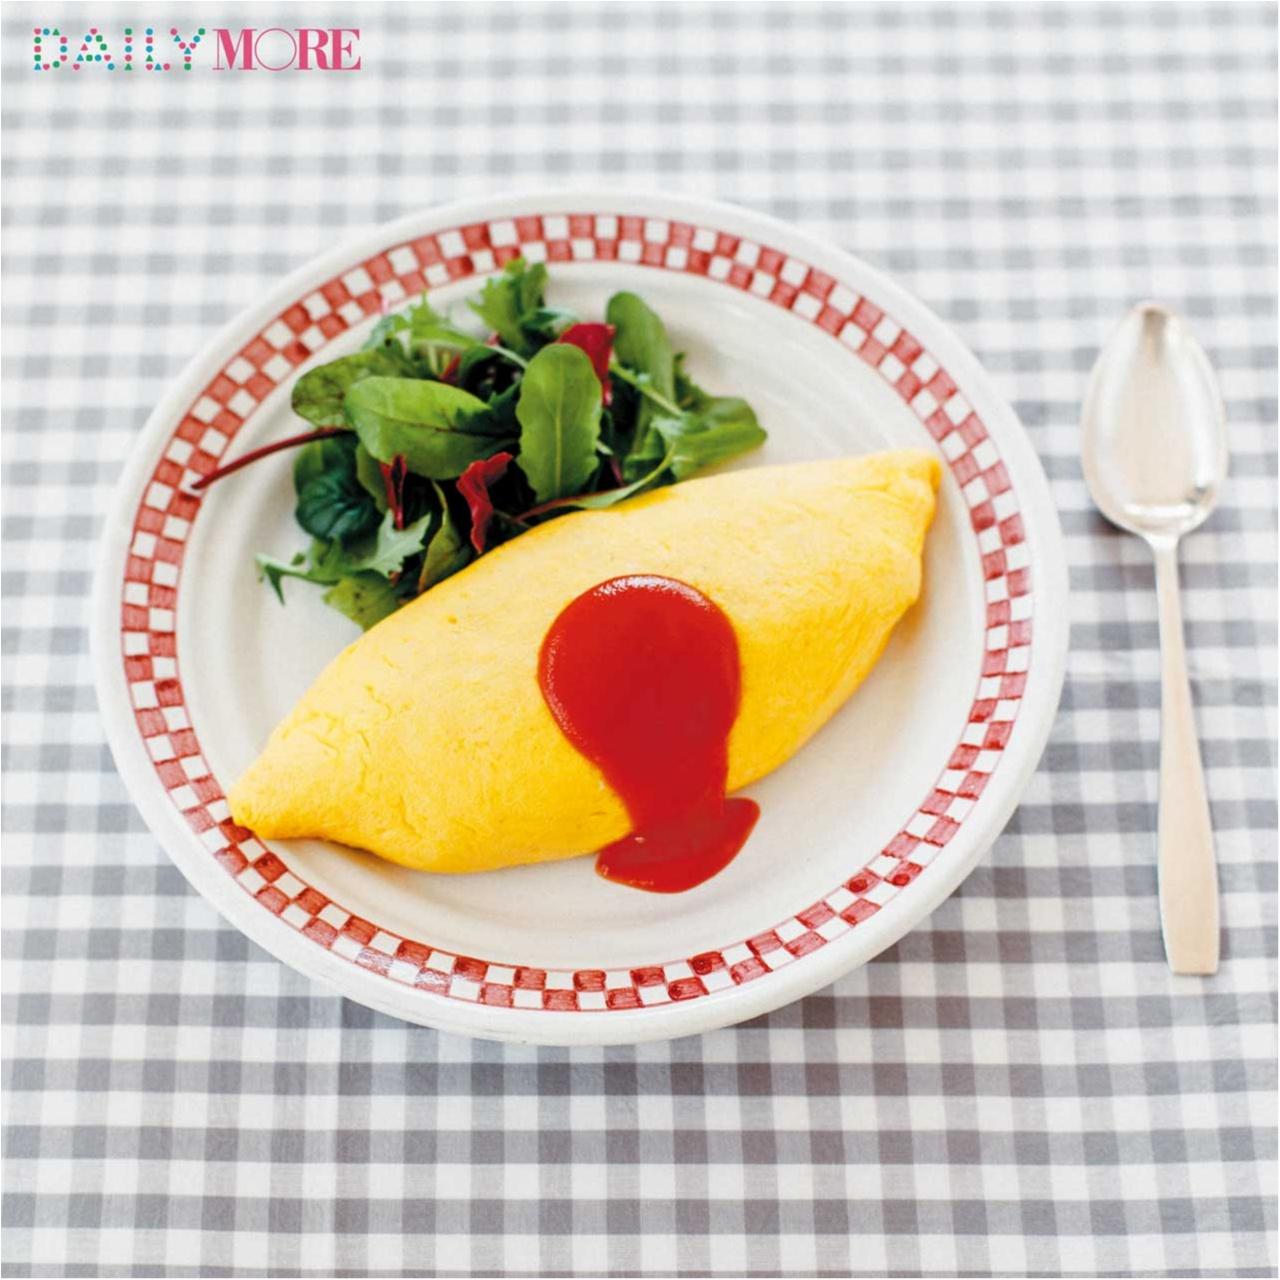 未婚男性の9割はたまご料理LOVE♡ 彼女に作ってほしい「幸せ♡たまごレシピ」白書♪_1